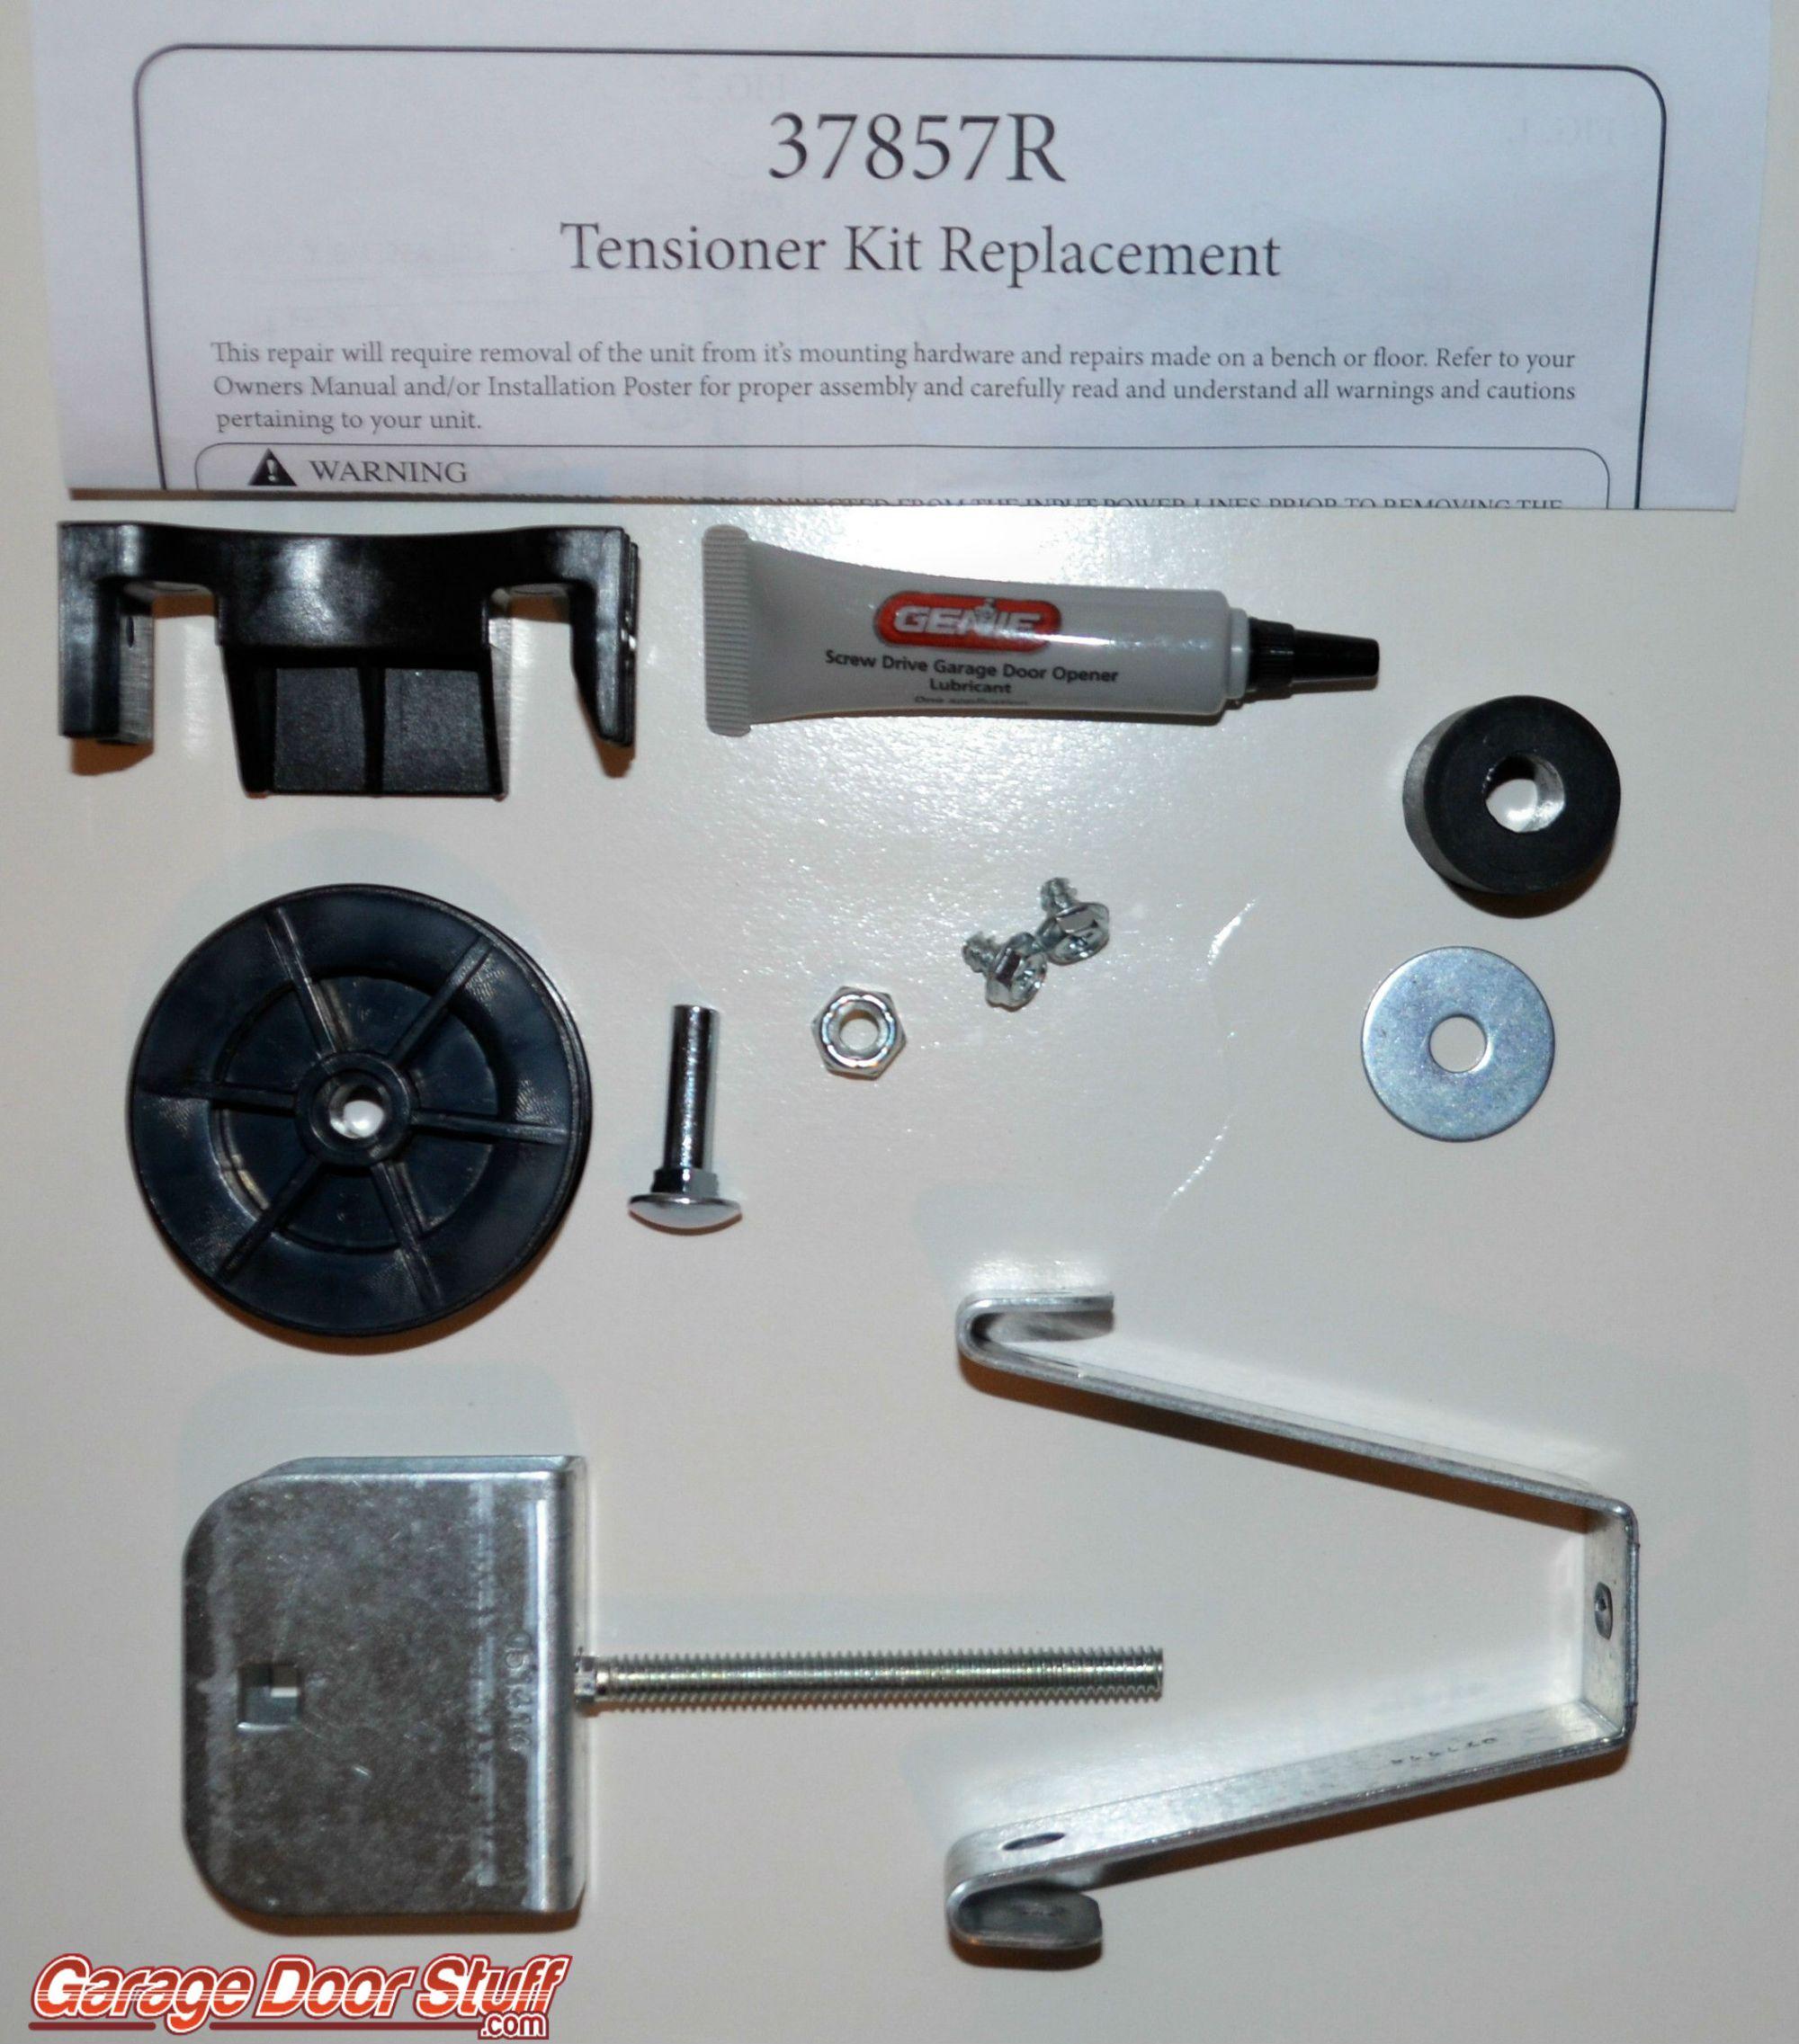 hight resolution of genie tensioner 37857r 15 99 genie tensioner 37857r genie garage door opener parts